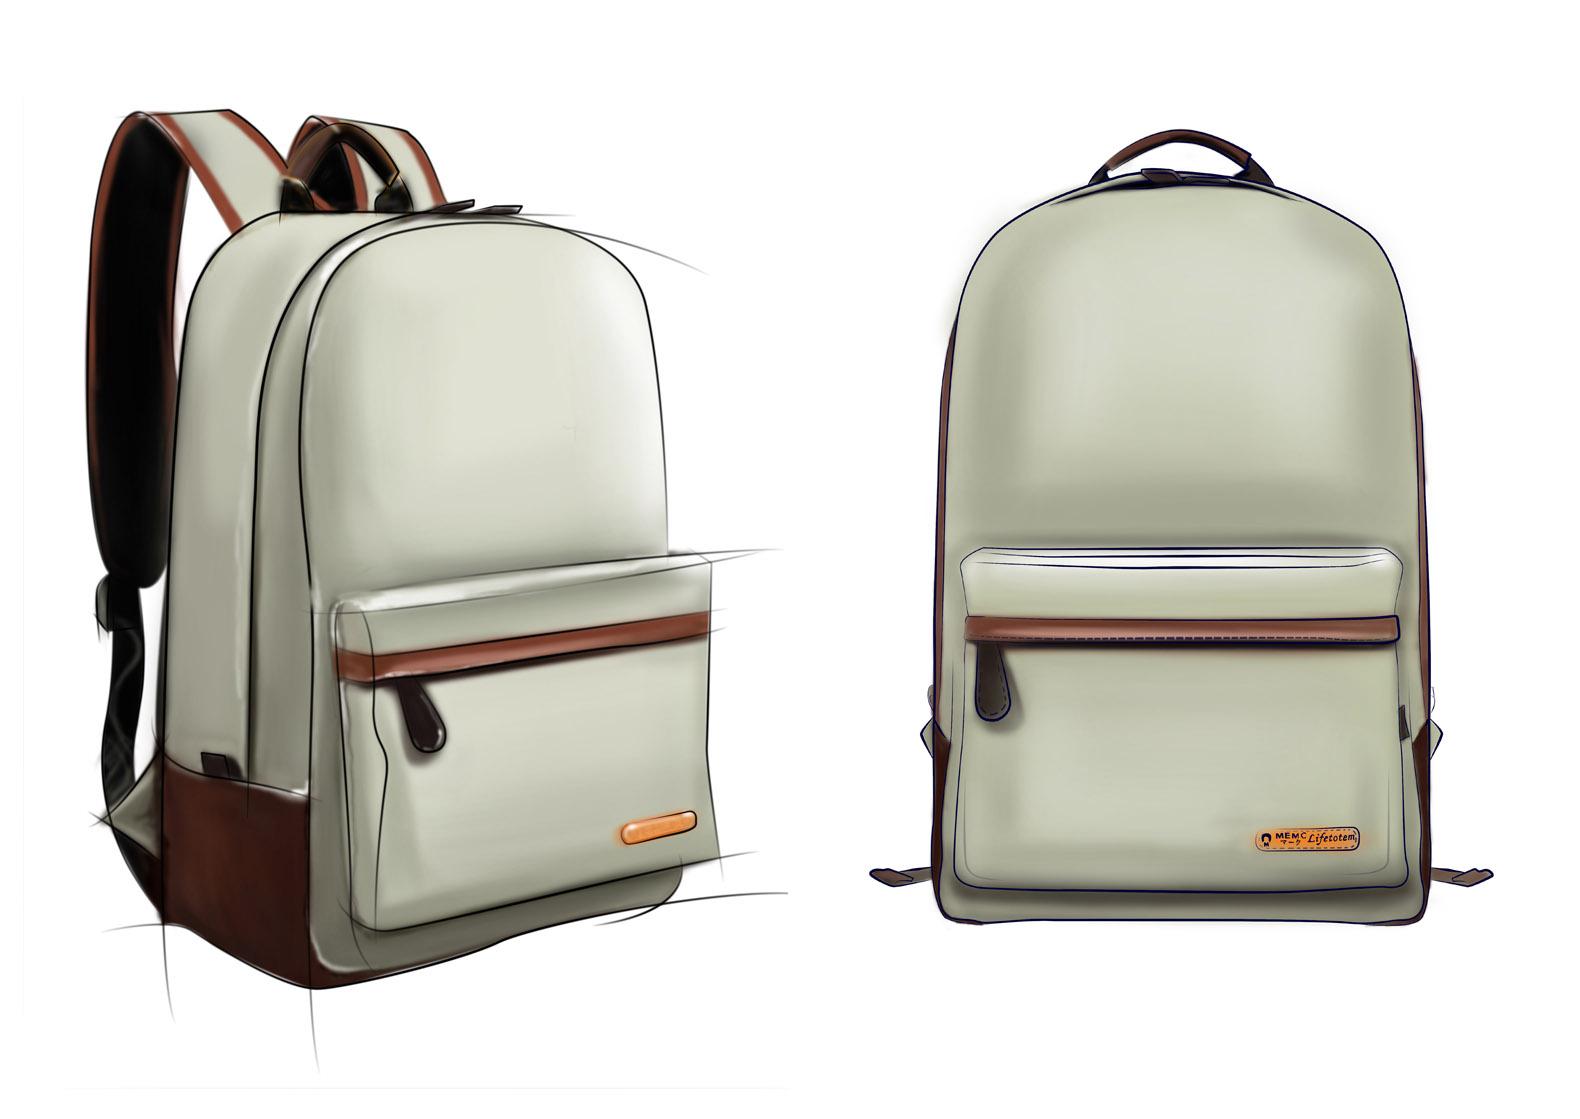 拉杆箱 旅行箱 箱包 行李箱 1580_1119